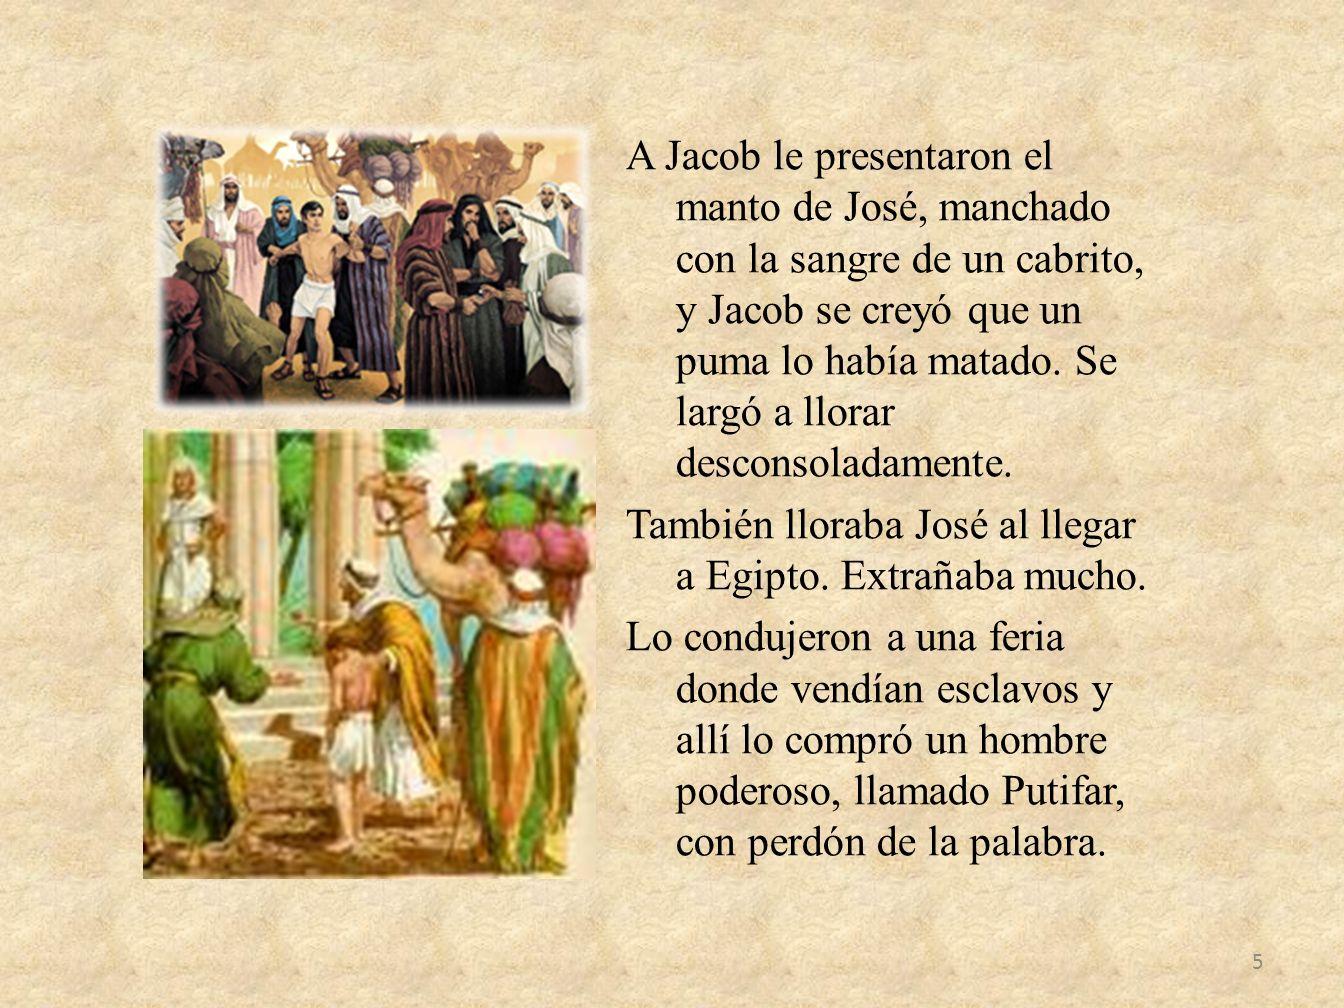 A Jacob le presentaron el manto de José, manchado con la sangre de un cabrito, y Jacob se creyó que un puma lo había matado. Se largó a llorar descons